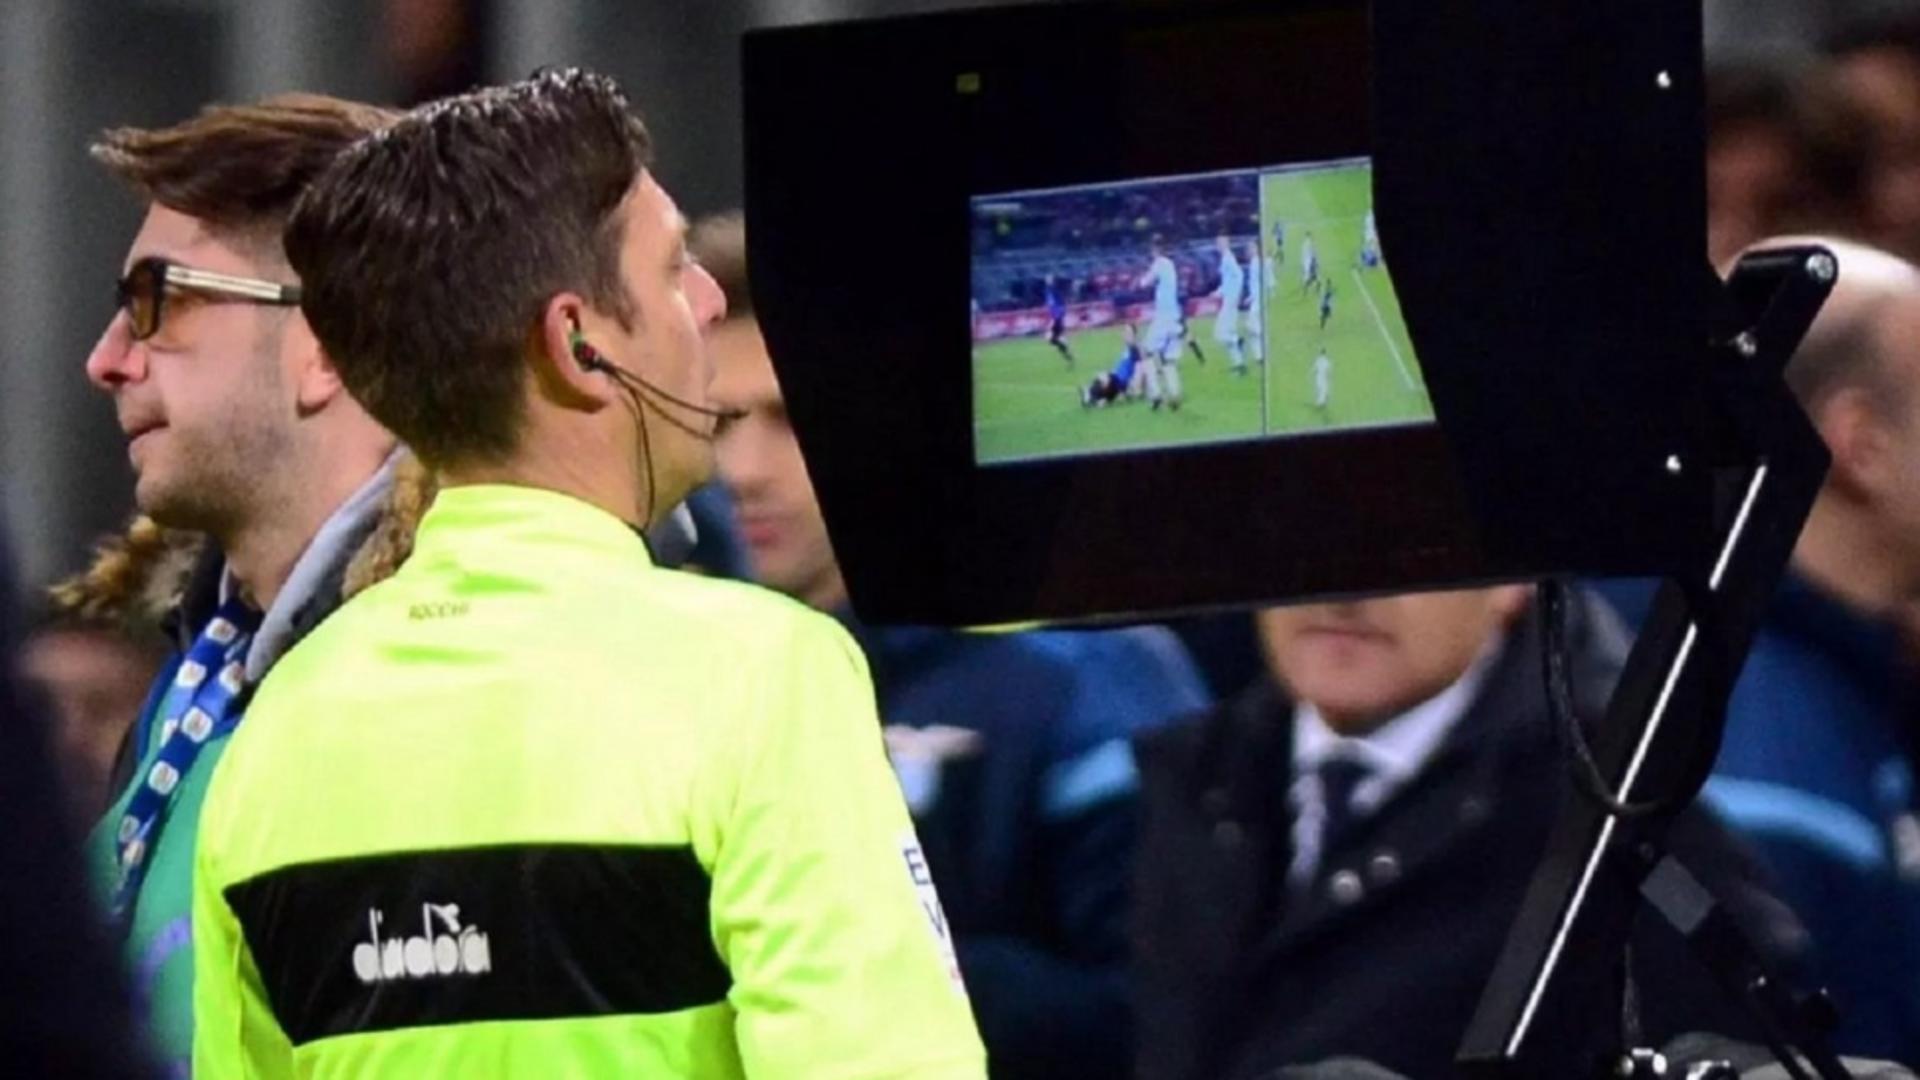 FOTO | LPF vine cu probe în scandalul iscat cu Burleanu! ,,FRF putea accesa bani de la FIFA pentru VAR''